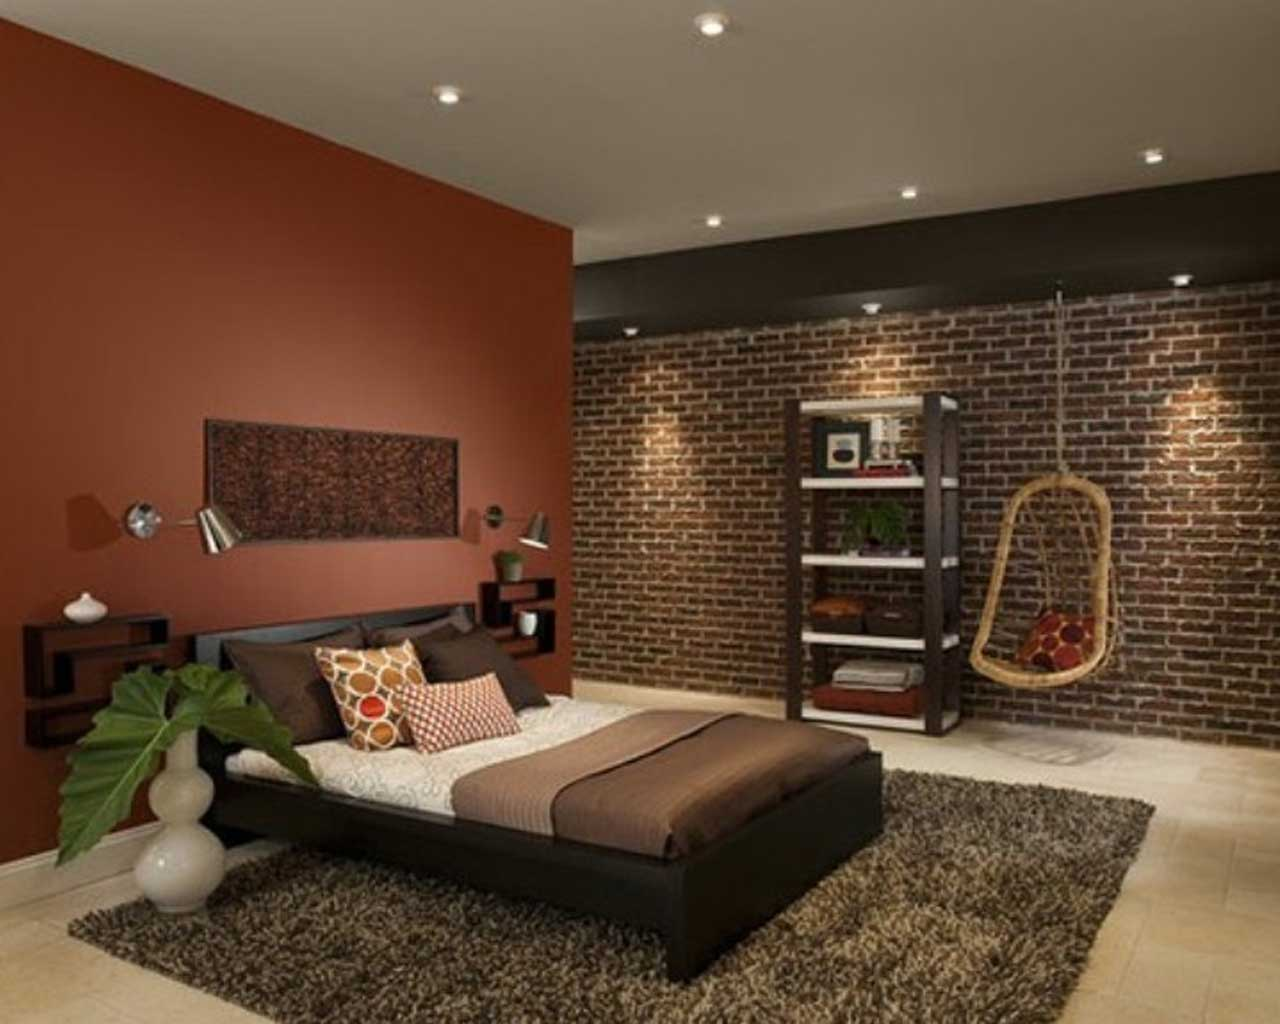 room design ideas bedroom color designs inside mesmerizing color bedroom design AUQDYVC